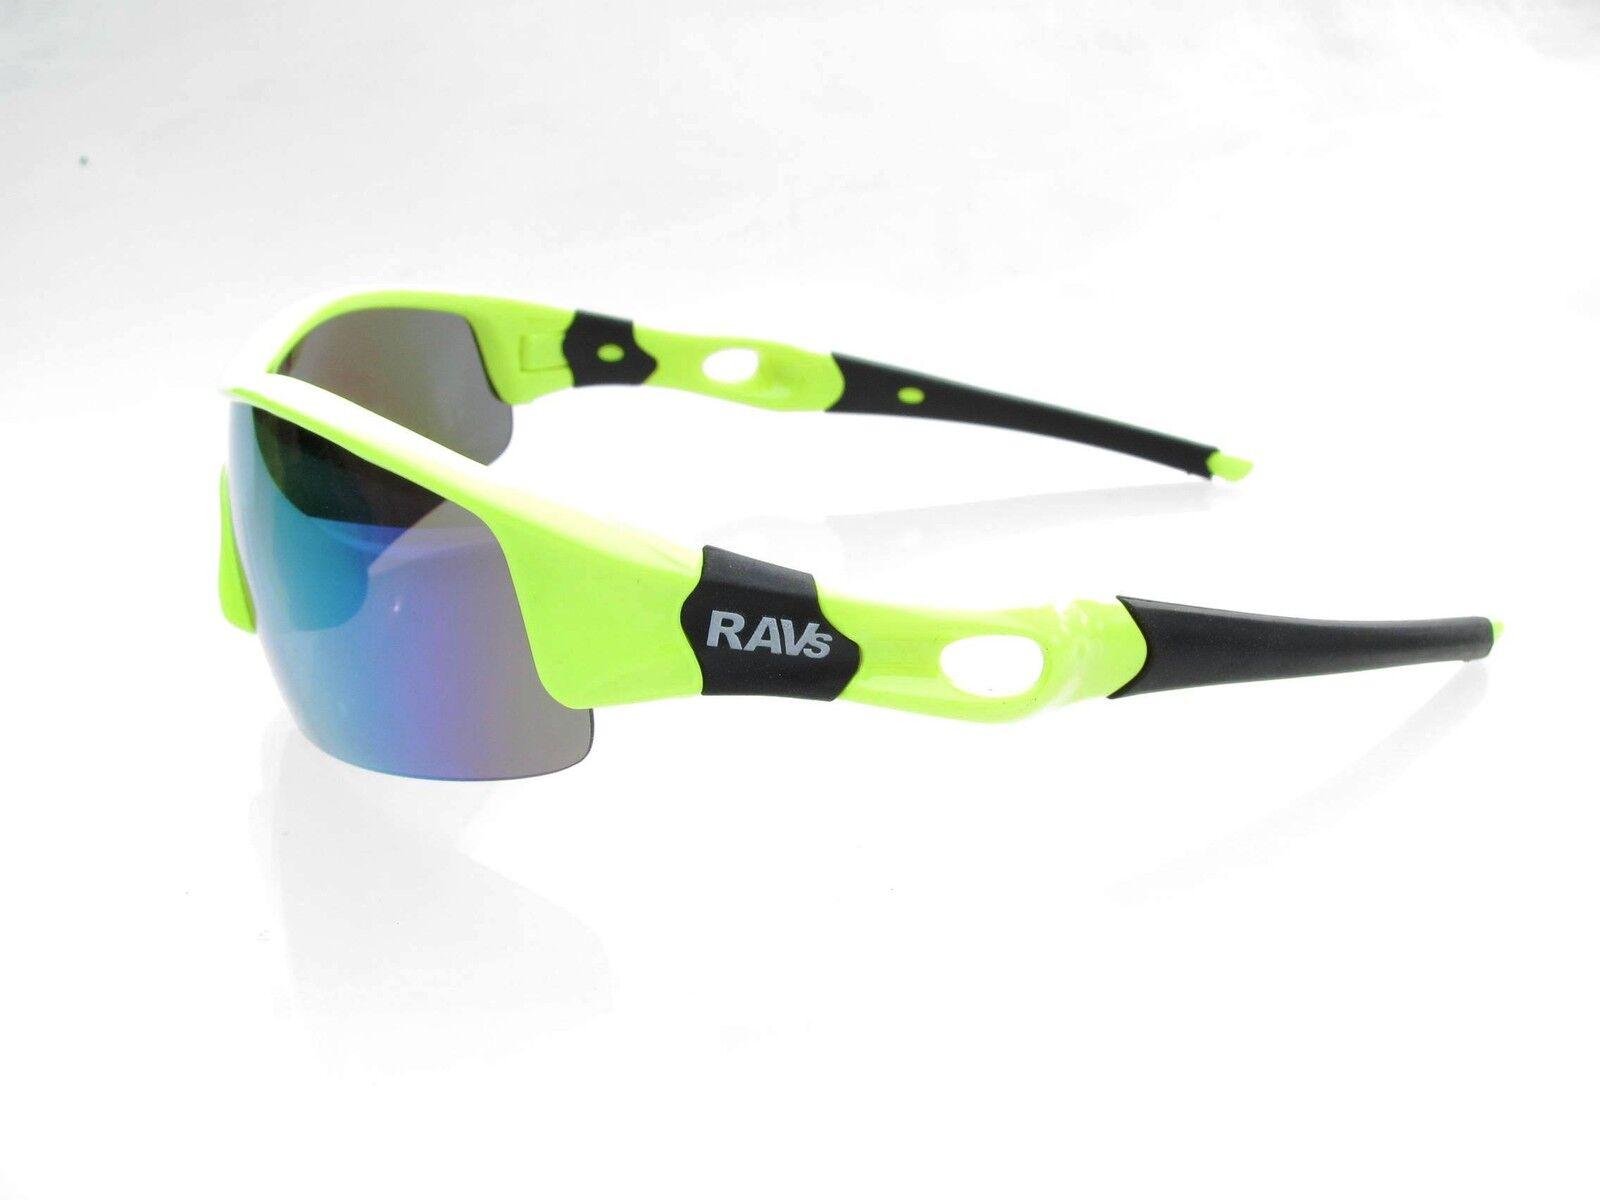 Kitesurf deporte gafas kitebrille gafas de sol de ravs ravs ravs vidrio bi color reflejado 9e8a53